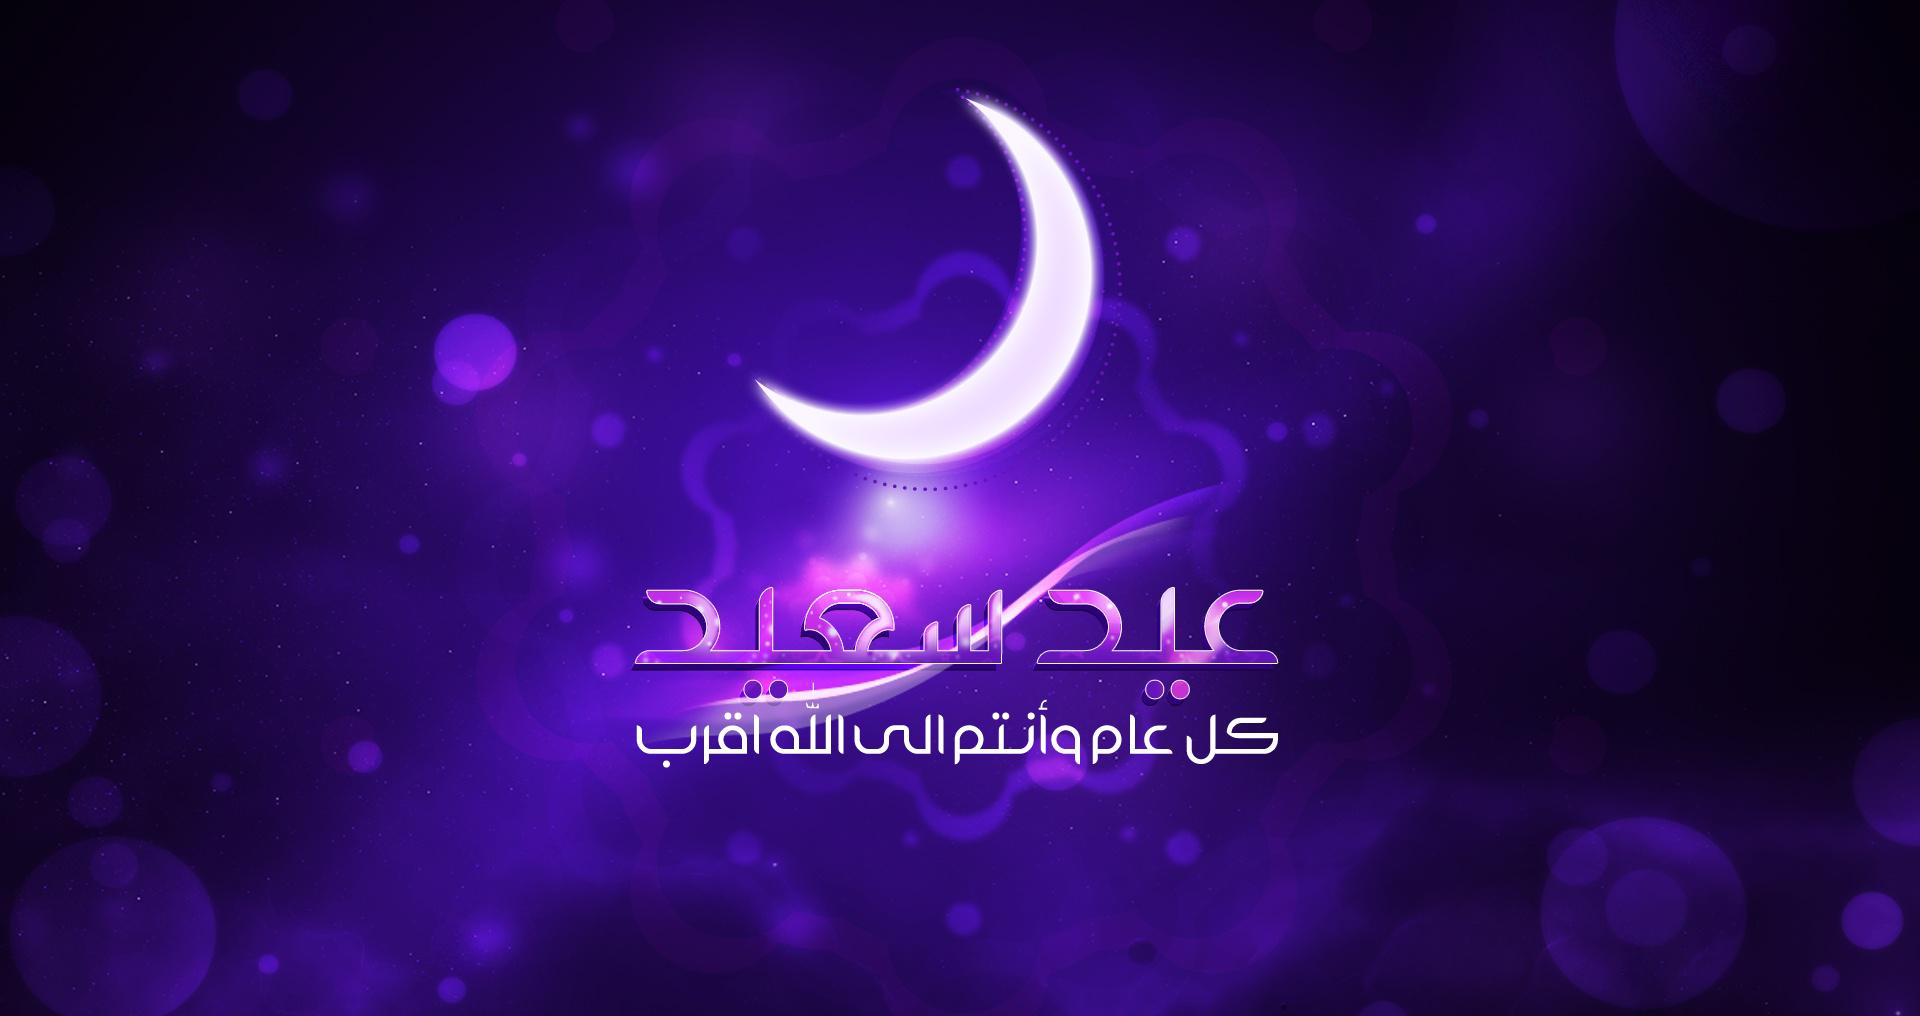 احلي بطاقات تهنئة عيد الفطر المبارك 2019 صور العيد وكروت متحركة عيدكم مبارك